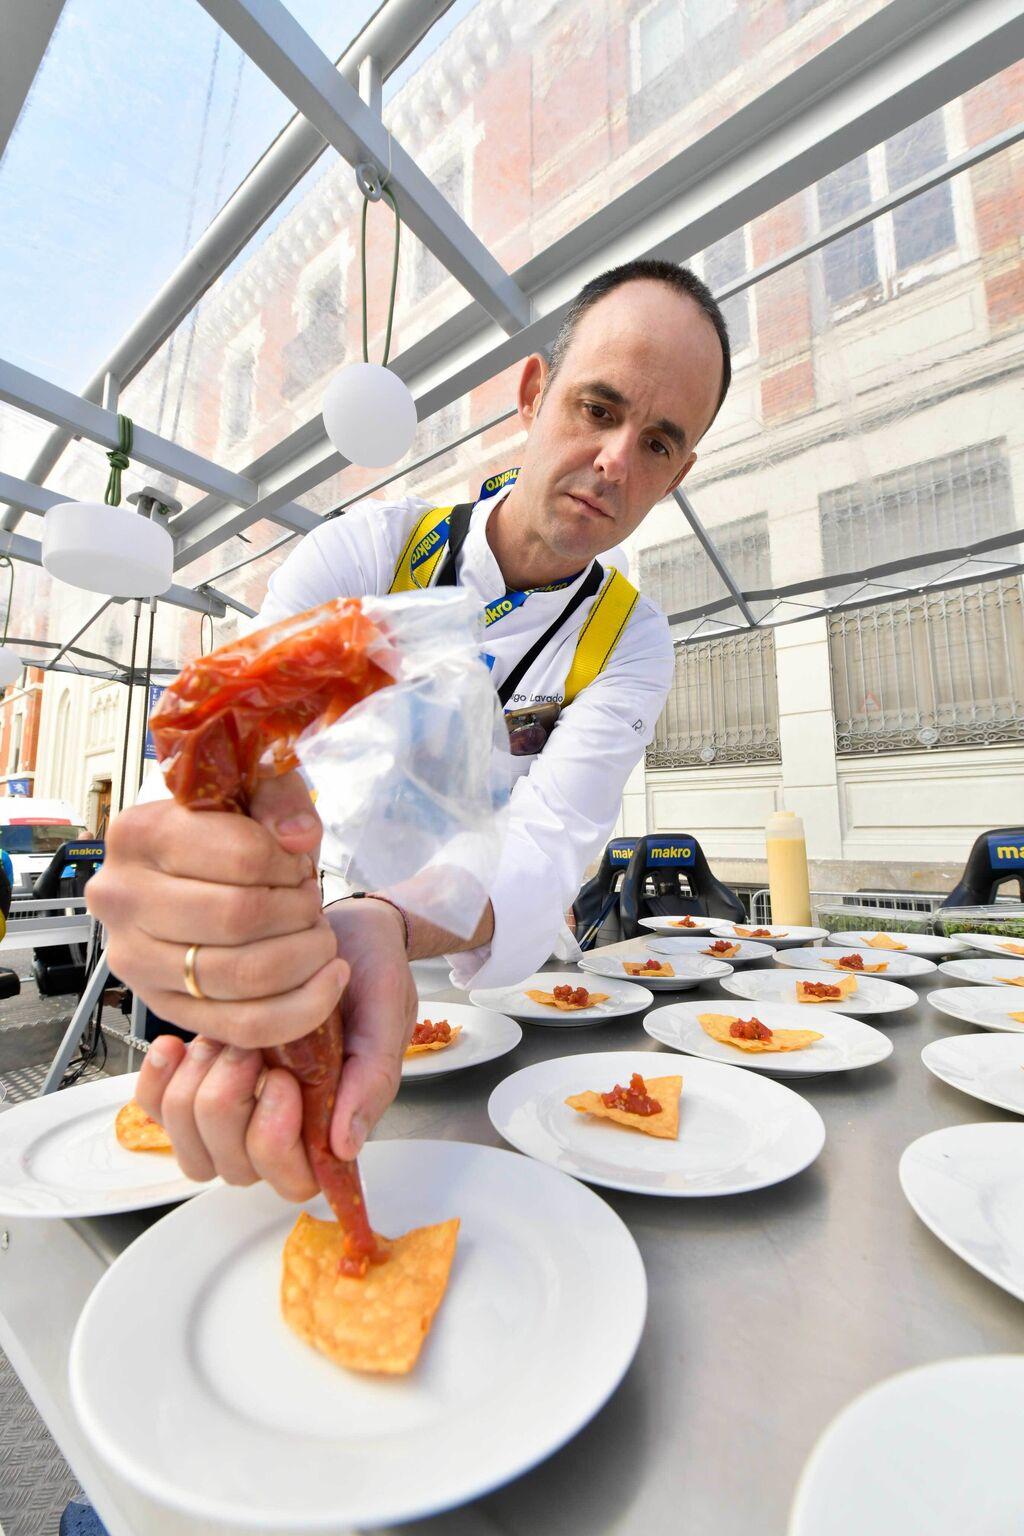 Reputados chefs como Fran Vicente, Rodrigo de la Calle, Iñigo Lavado (en la imagen) e Iván Muñoz han elaborado un menú exclusivo para la ocasión, acompañado de un cóctel creado en colaboración con Ron Zacapa.